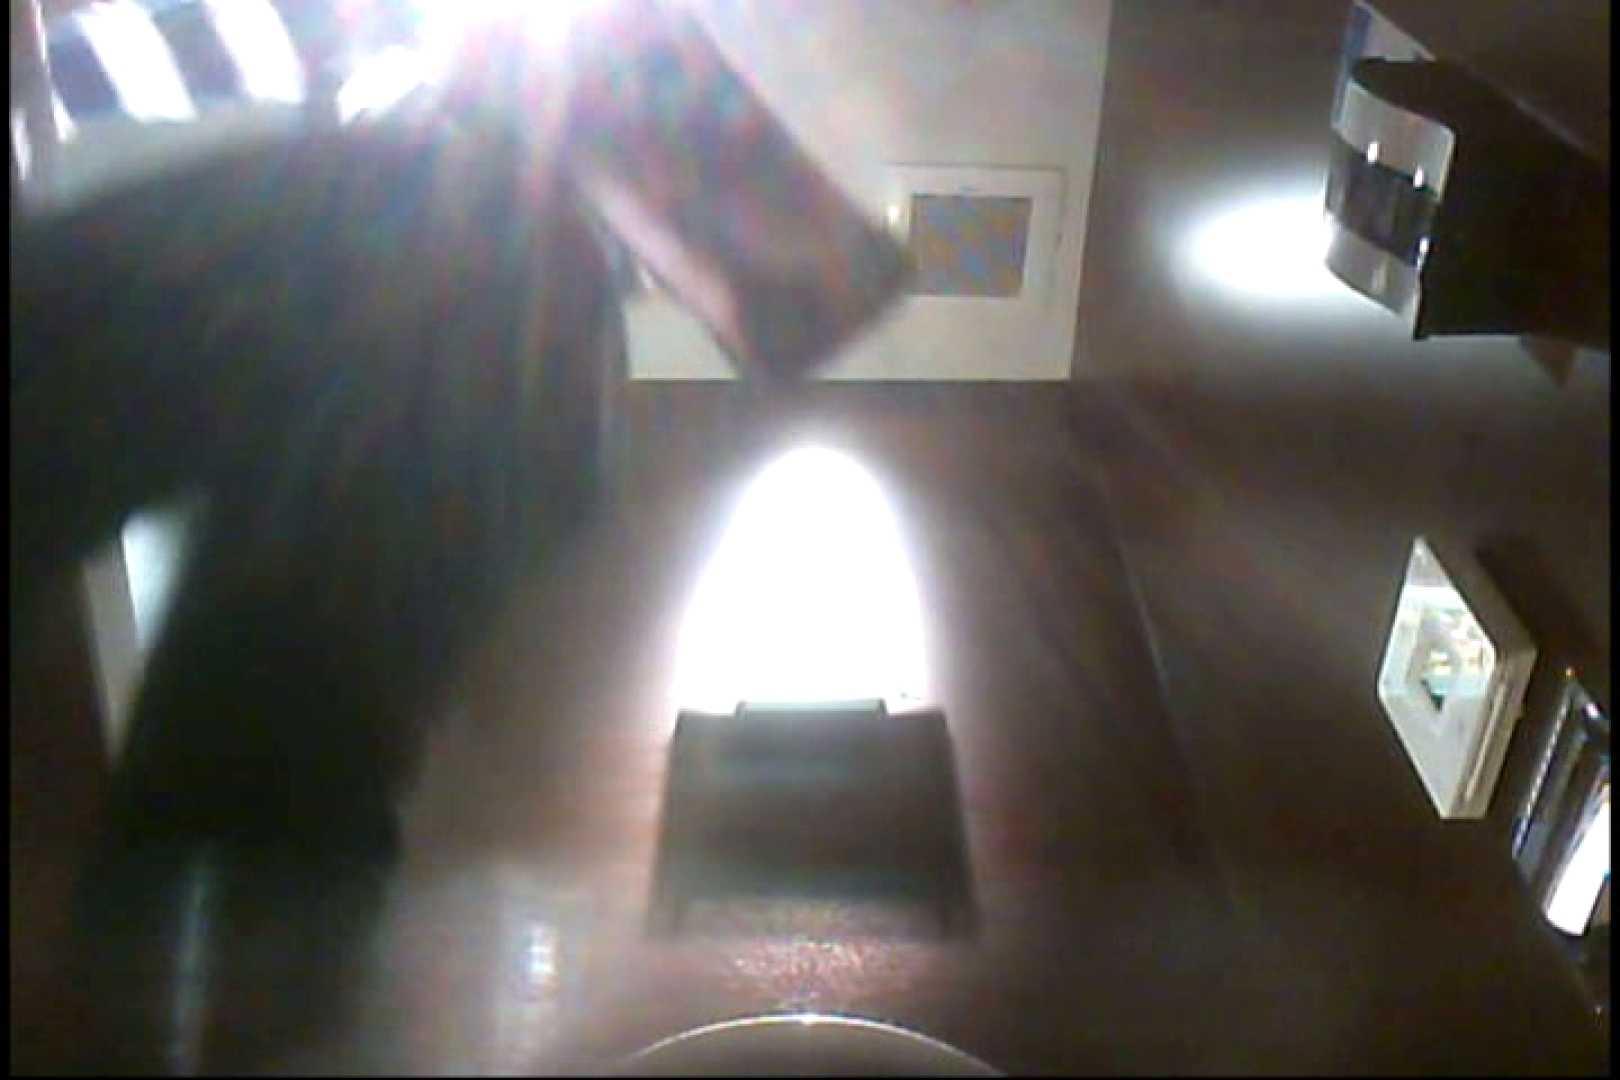 亀さんかわや VIPバージョン! vol.27 モロだしオマンコ のぞき動画画像 79pic 46